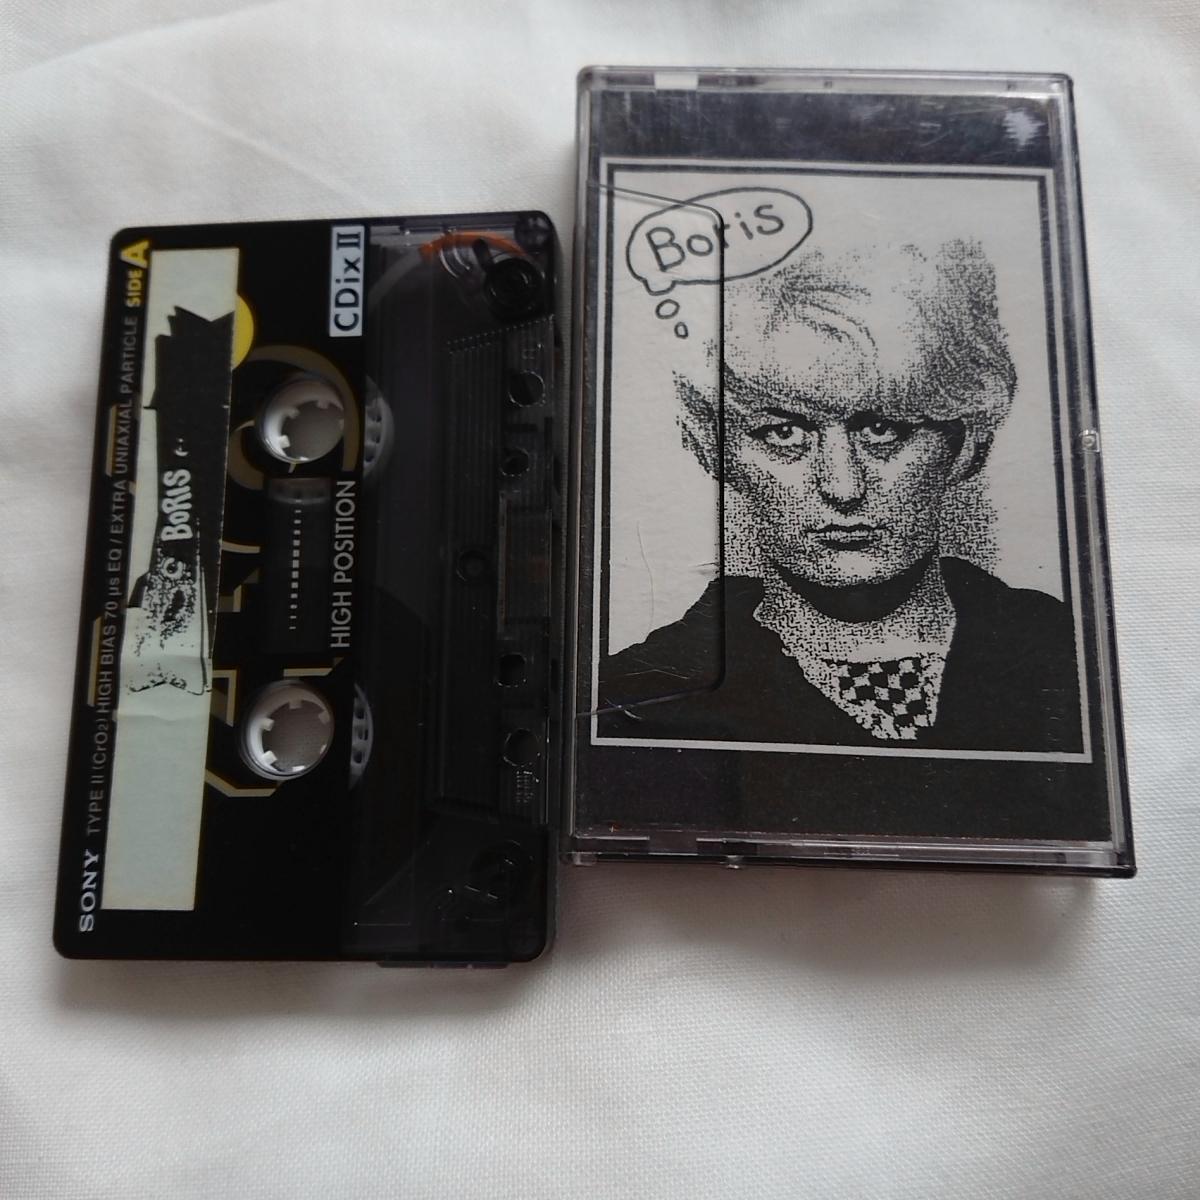 貴重 boris /DEMO TAPE カセットテープ: eye hate god corrupted gism doom greenmachine gauze